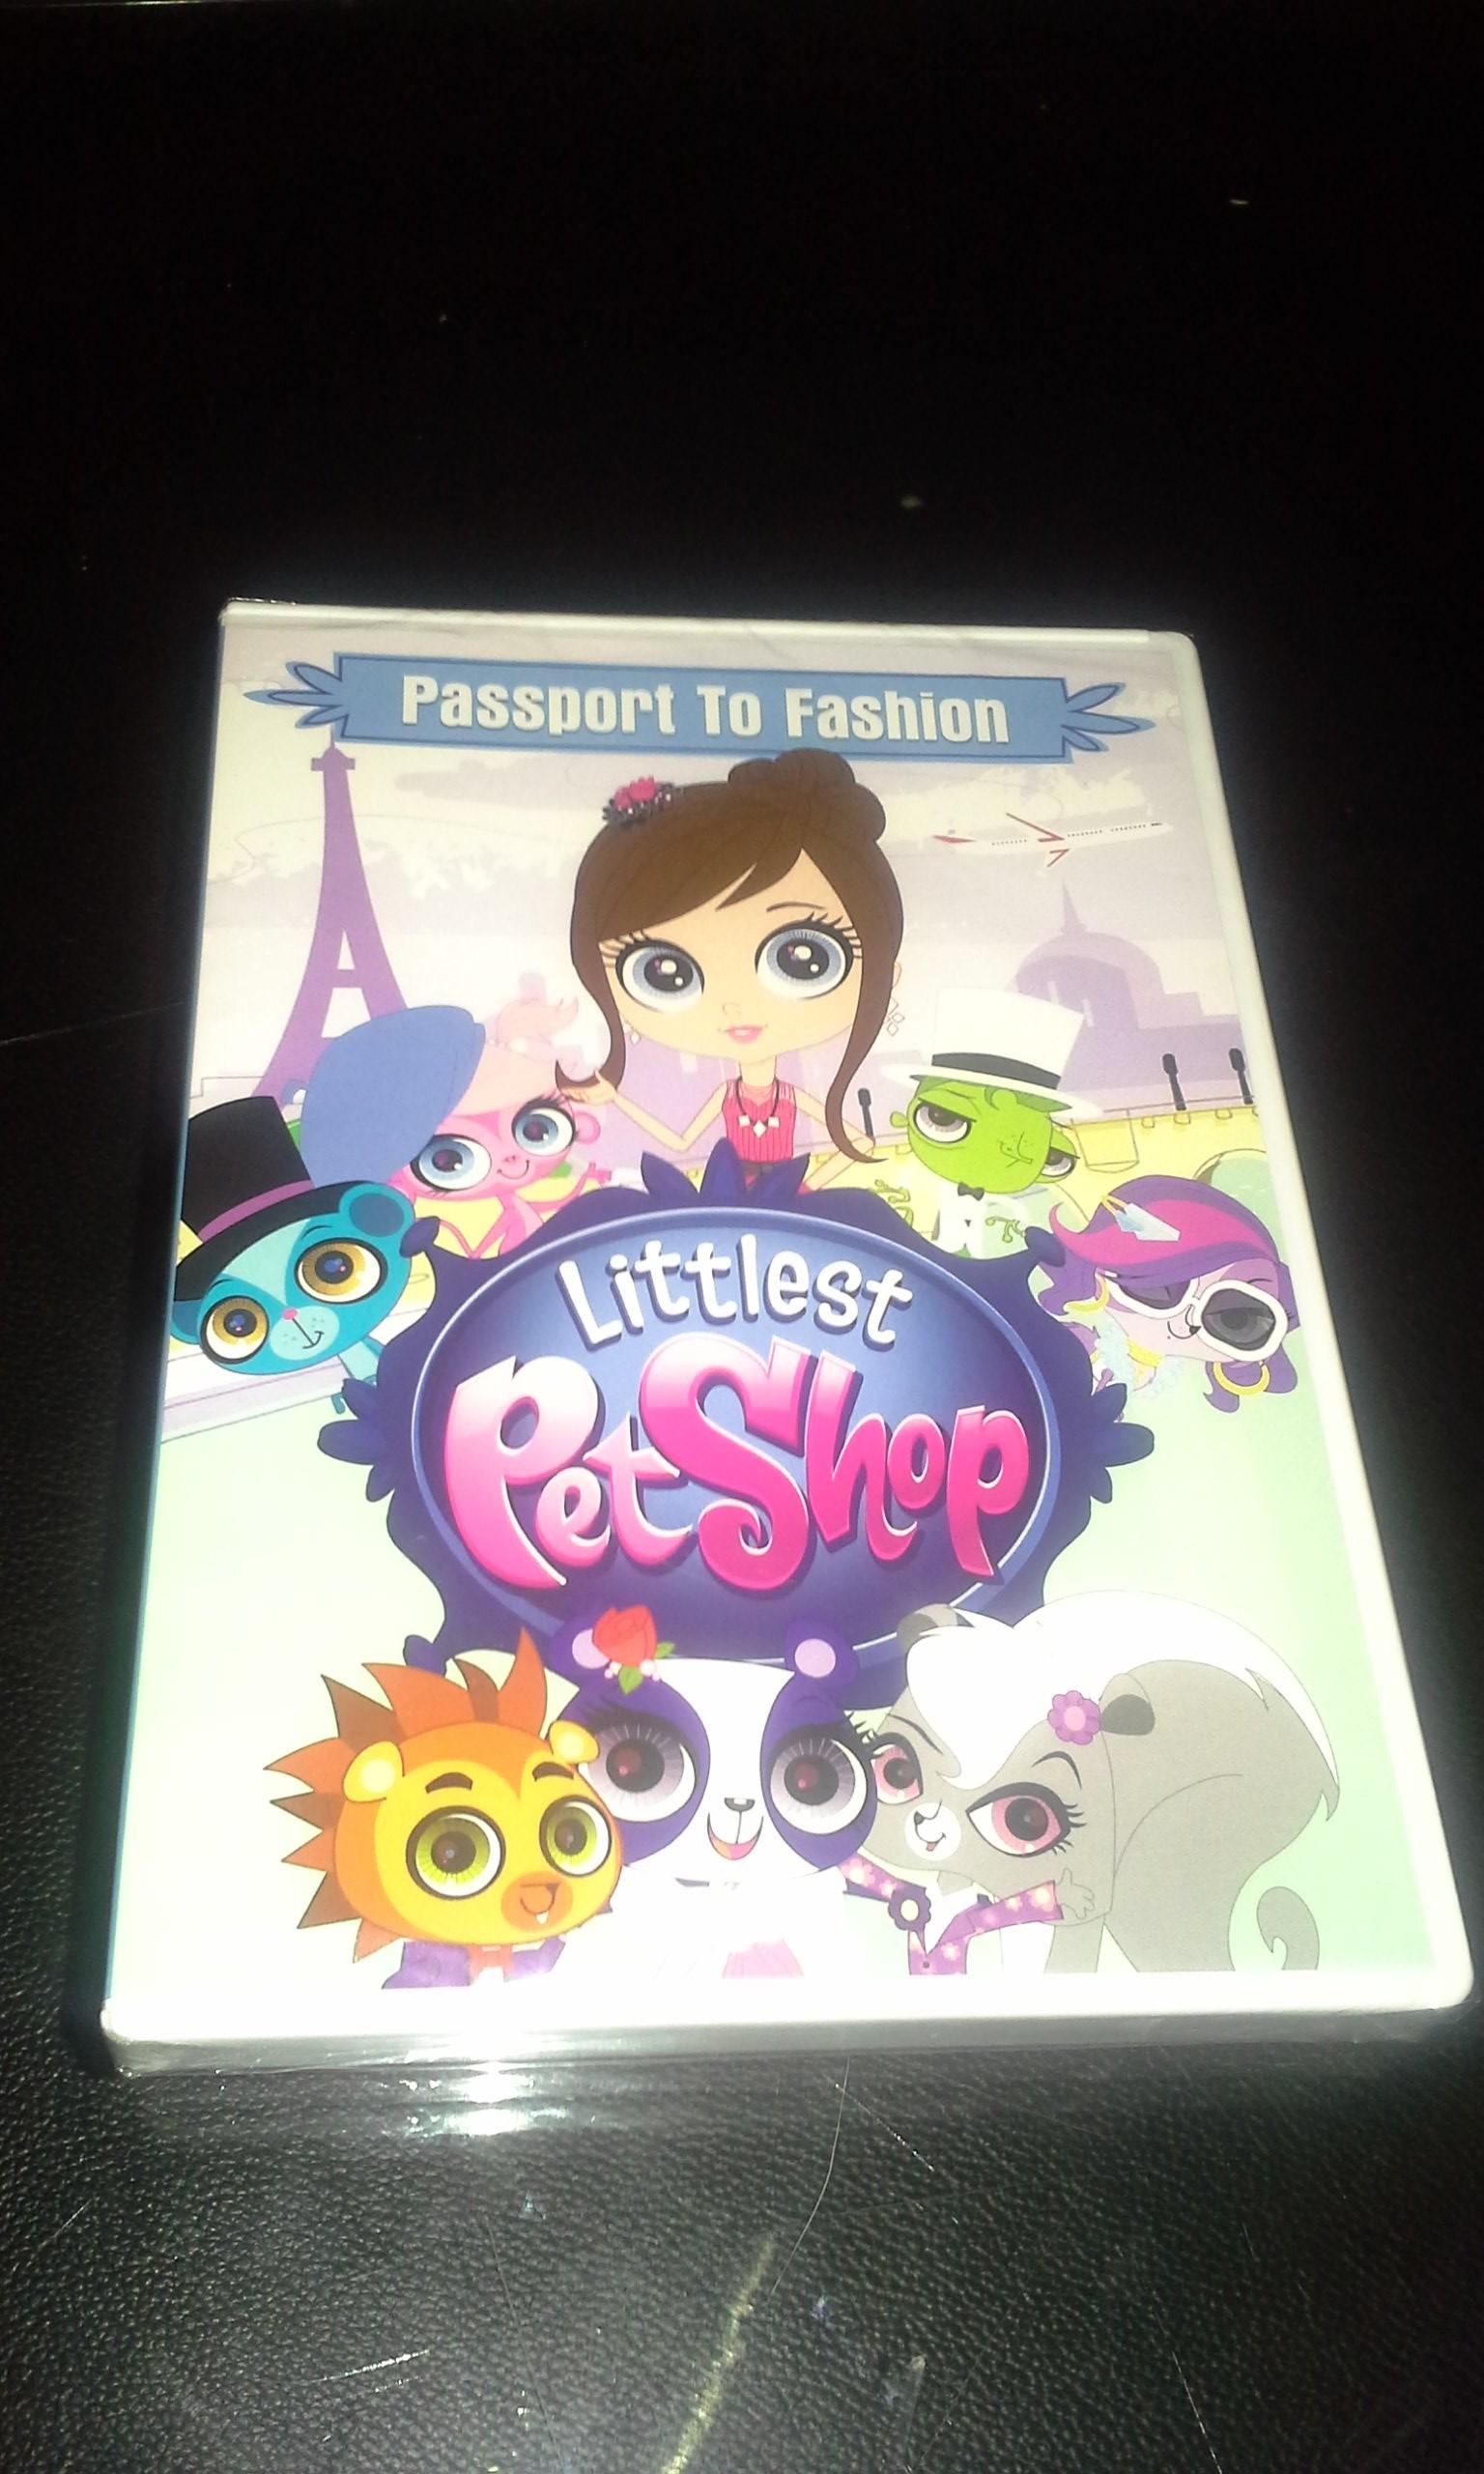 Littlest Pet Shop Passport To Fashion on DVD September 23rd!